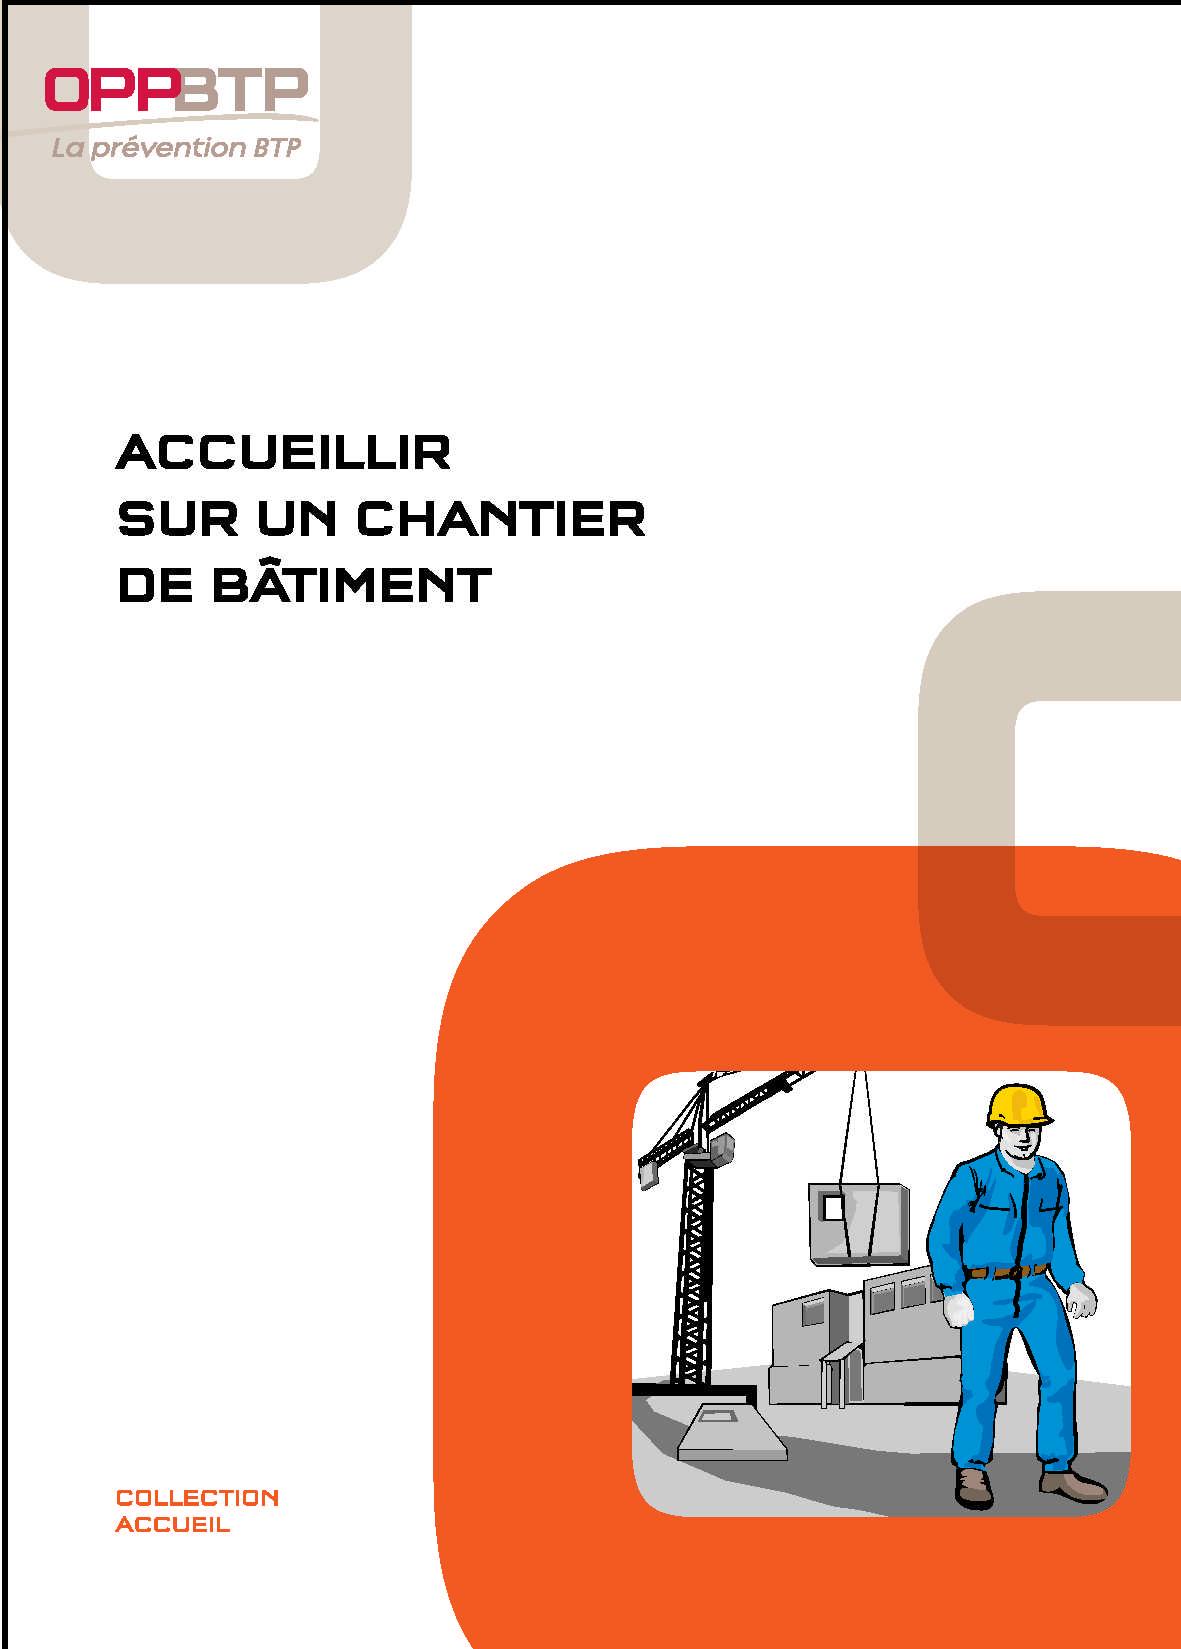 Accueillir Sur Un Chantier De Batiment Prevention Btp